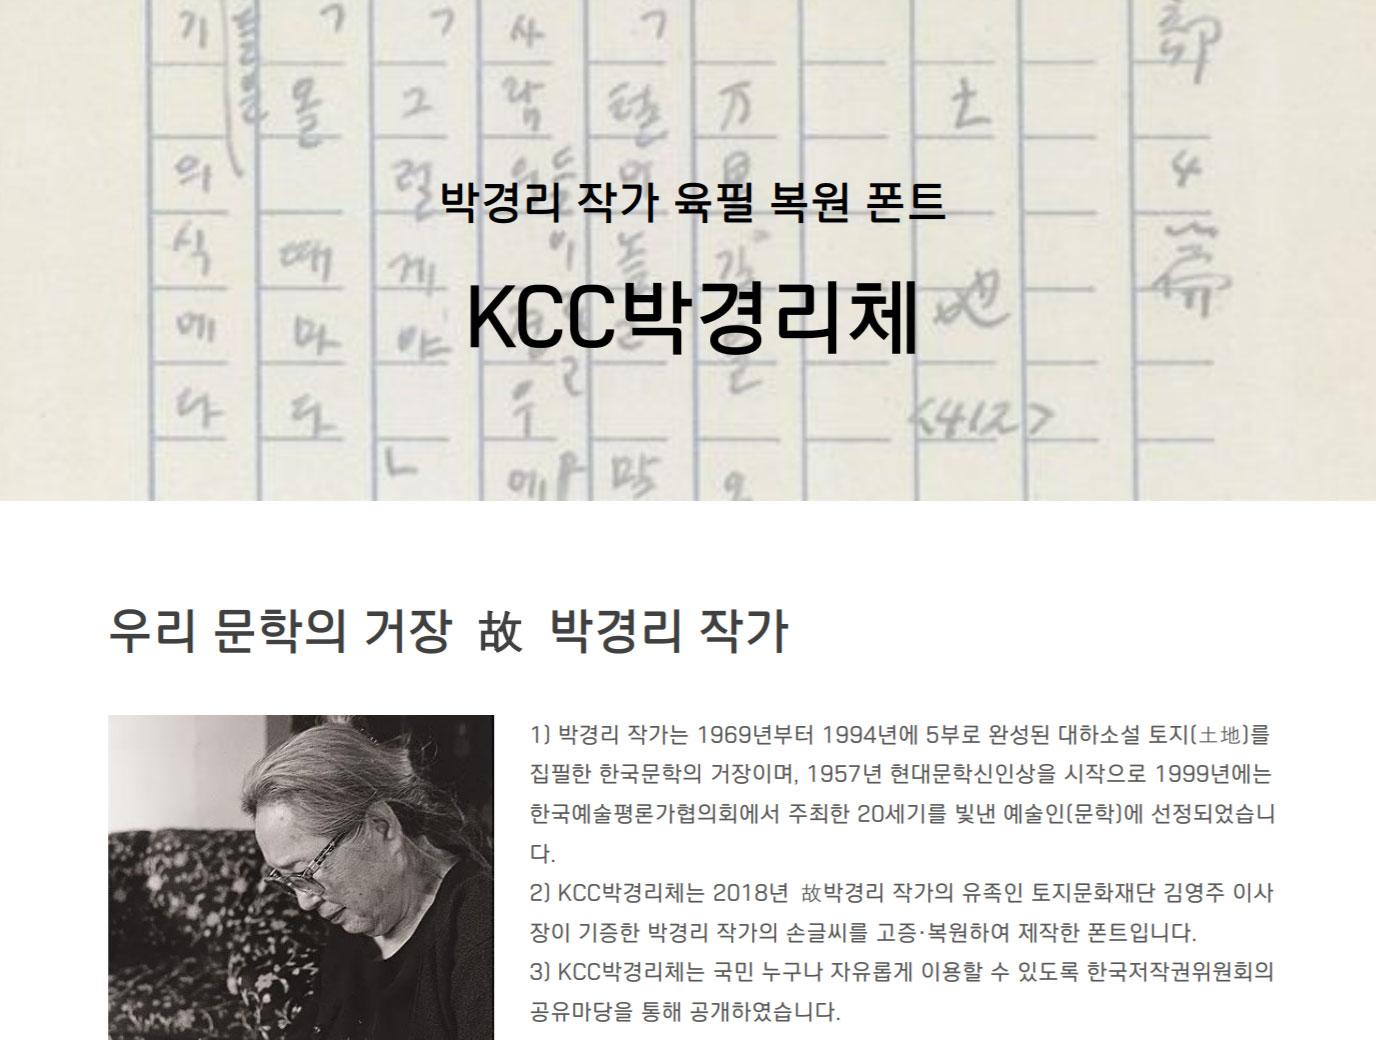 故박경리 작가 10주기, 'KCC박경리체' 무료 공개